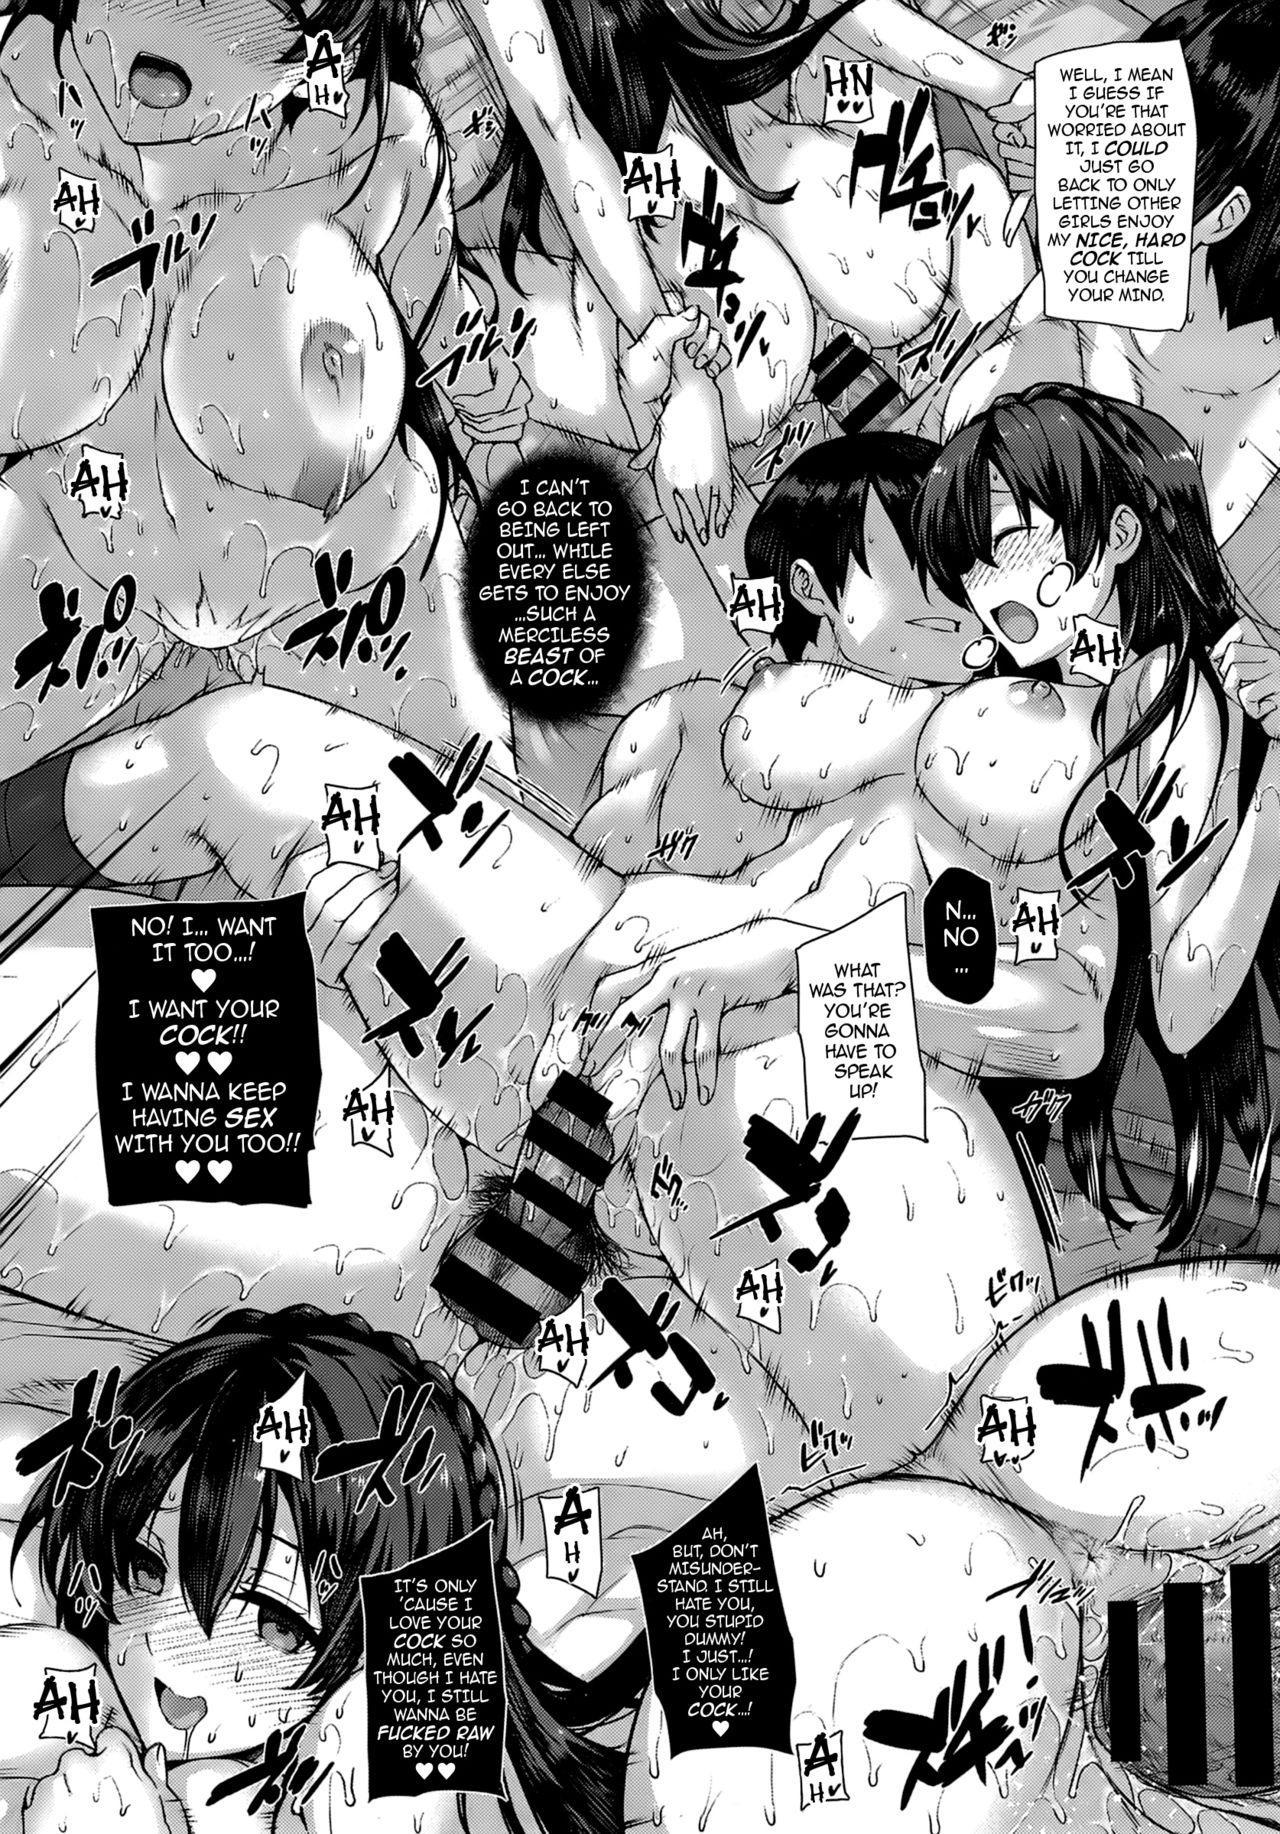 [Katsurai Yoshiaki] Amatsuka Gakuen no Ryoukan Seikatsu | Angel Academy's Hardcore Dorm Sex Life 1-2, 3.5-5 [English] {darknight} [Digital] 27